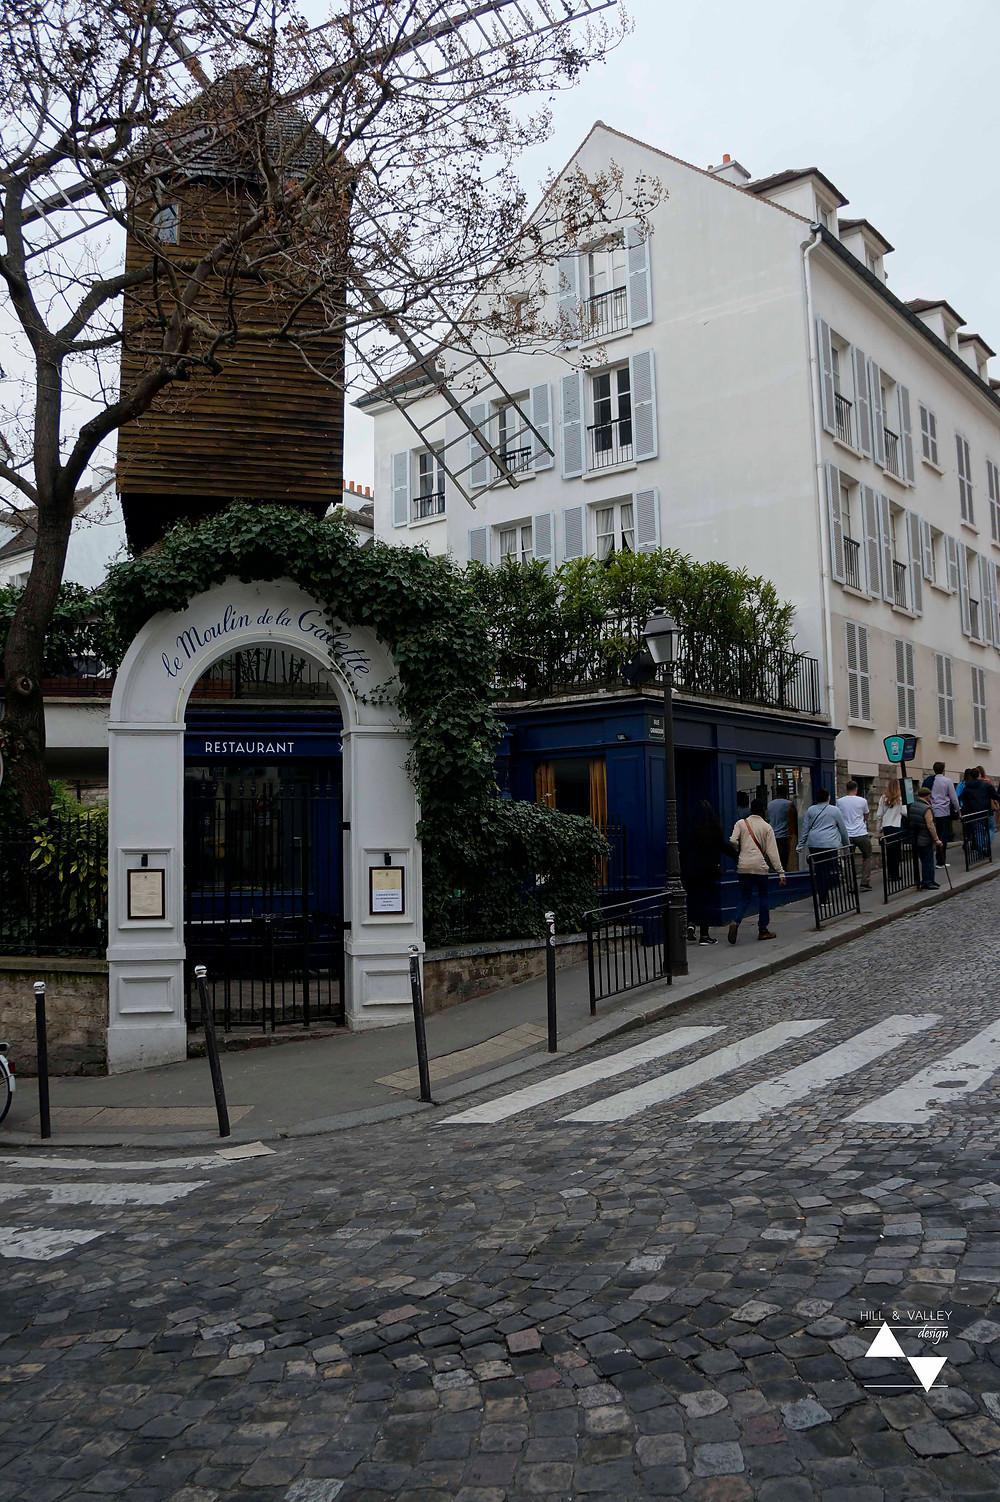 le Moulin de la Galette - Montmartre